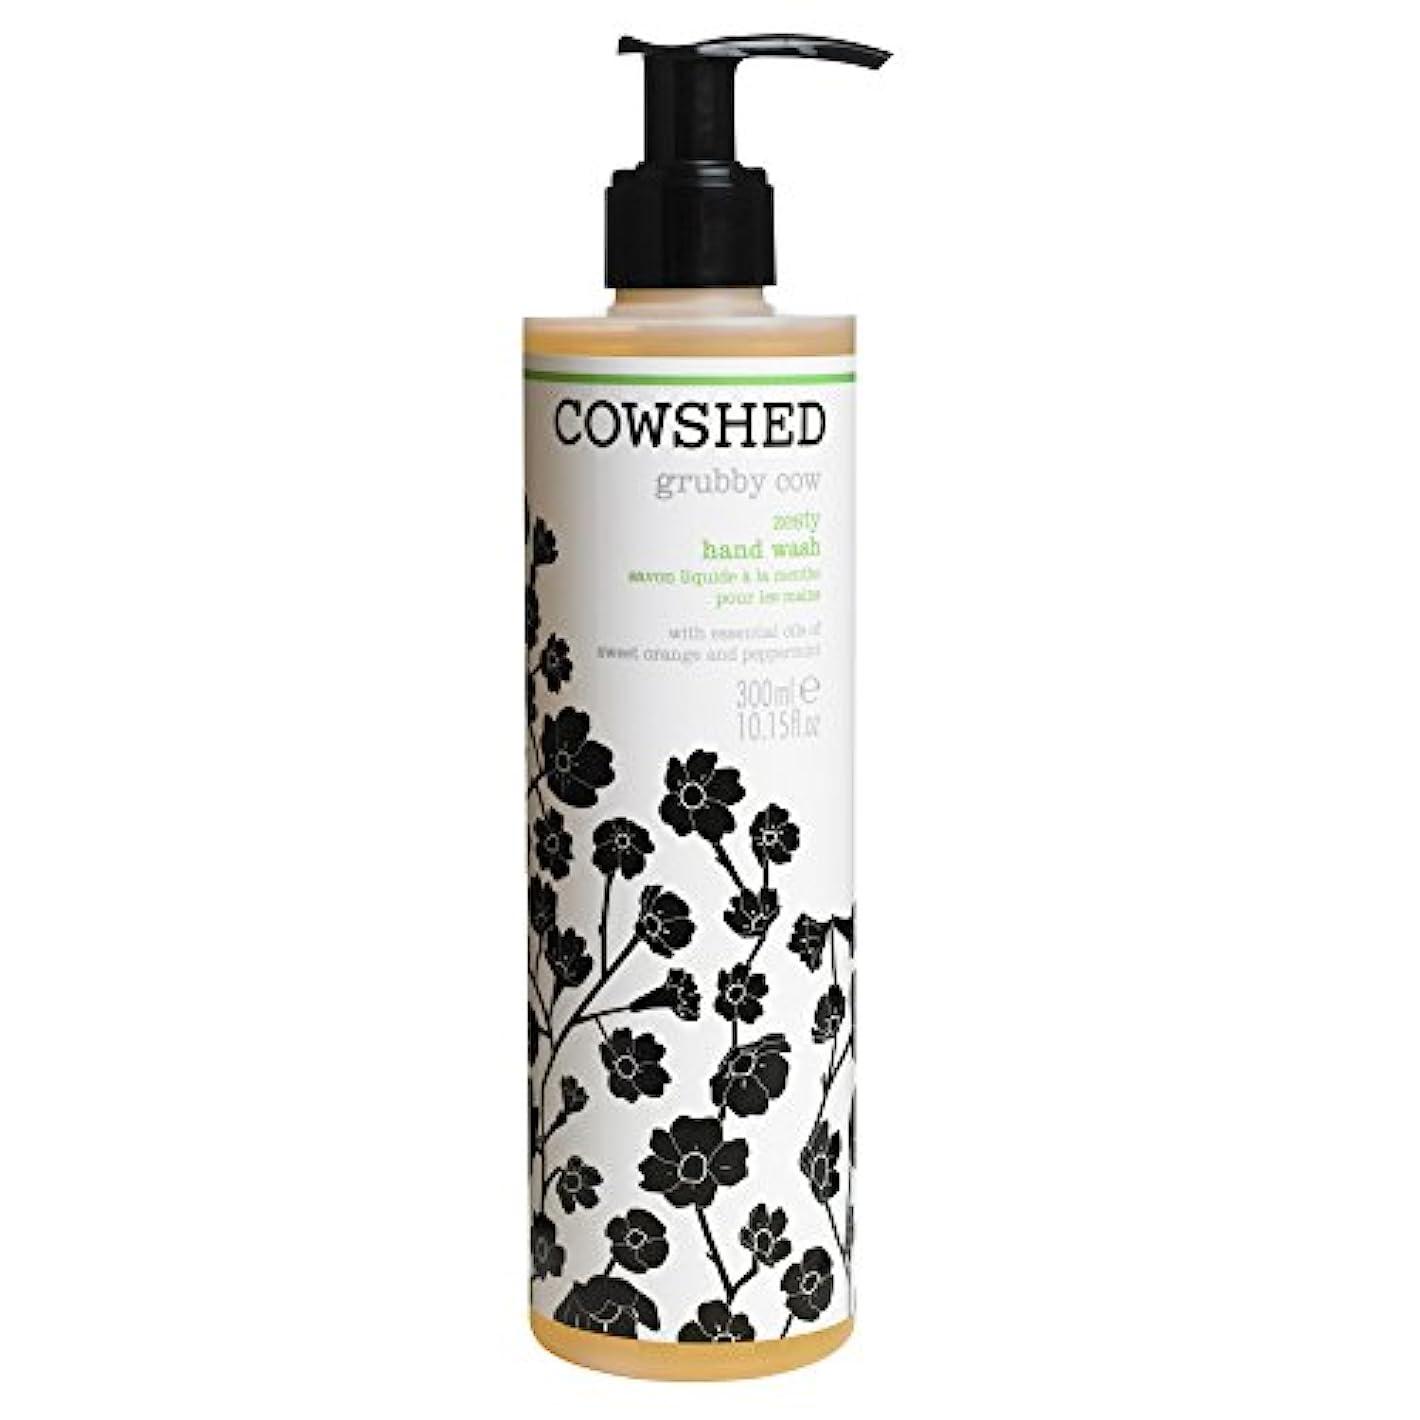 振る舞うやさしい公使館牛舎汚い牛ピリッハンドウォッシュ300ミリリットル (Cowshed) (x6) - Cowshed Grubby Cow Zesty Hand Wash 300ml (Pack of 6) [並行輸入品]